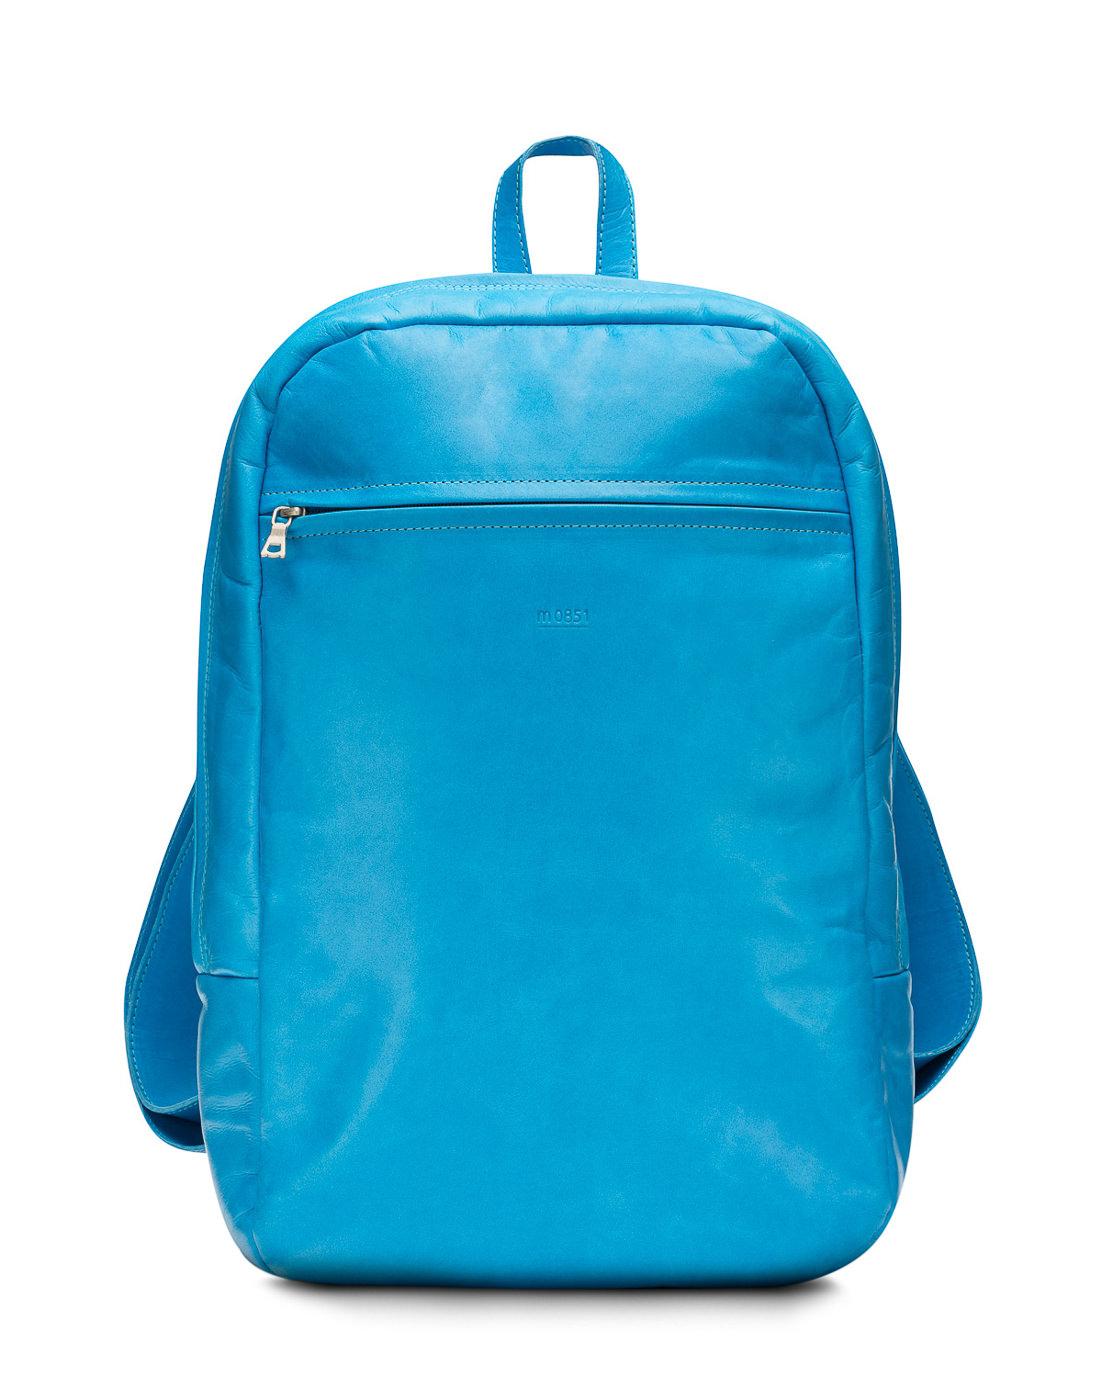 Sac à dos cuir bleu m0851